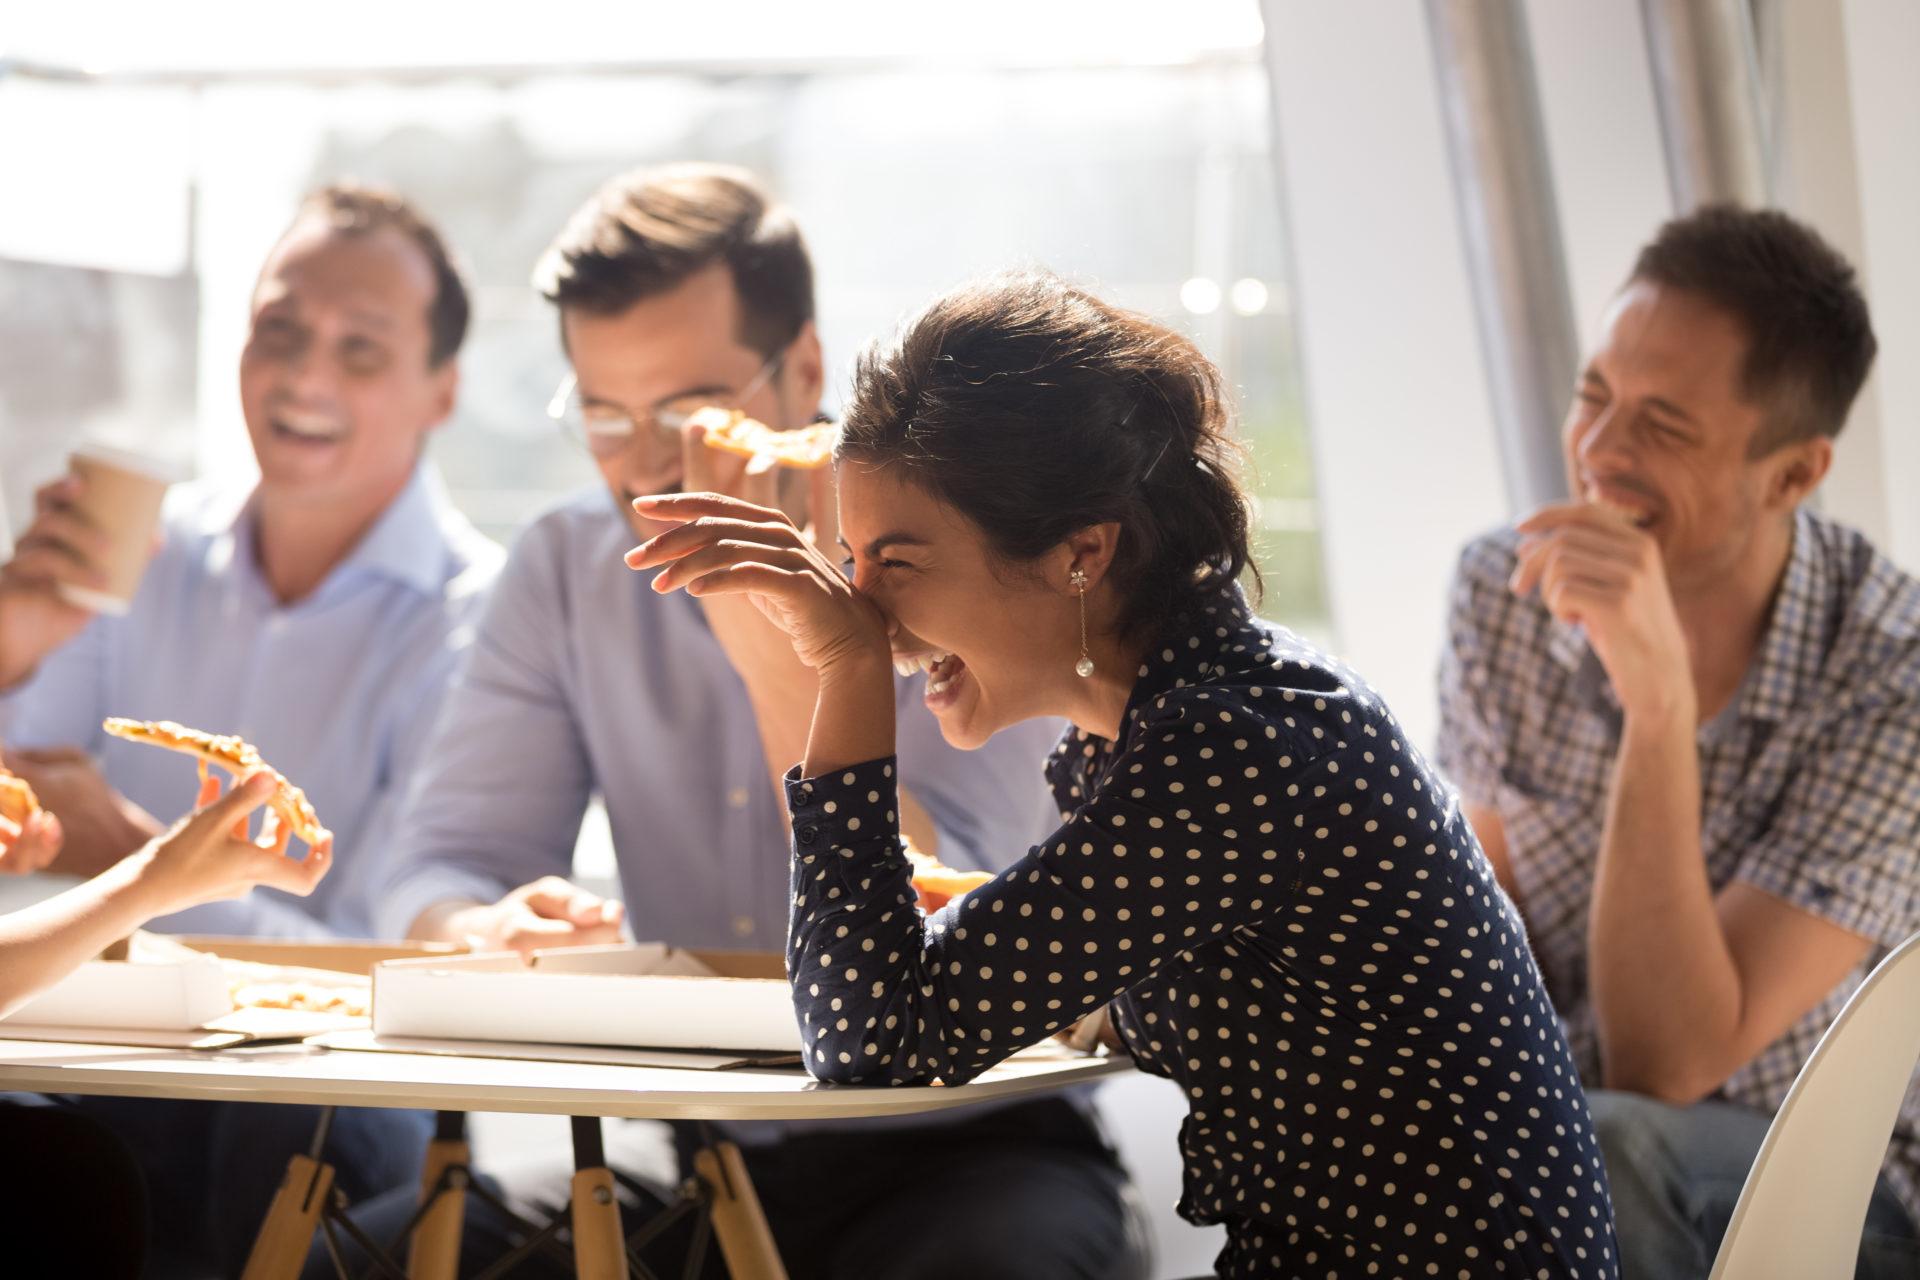 Des participants à un atelier en intelligence collective